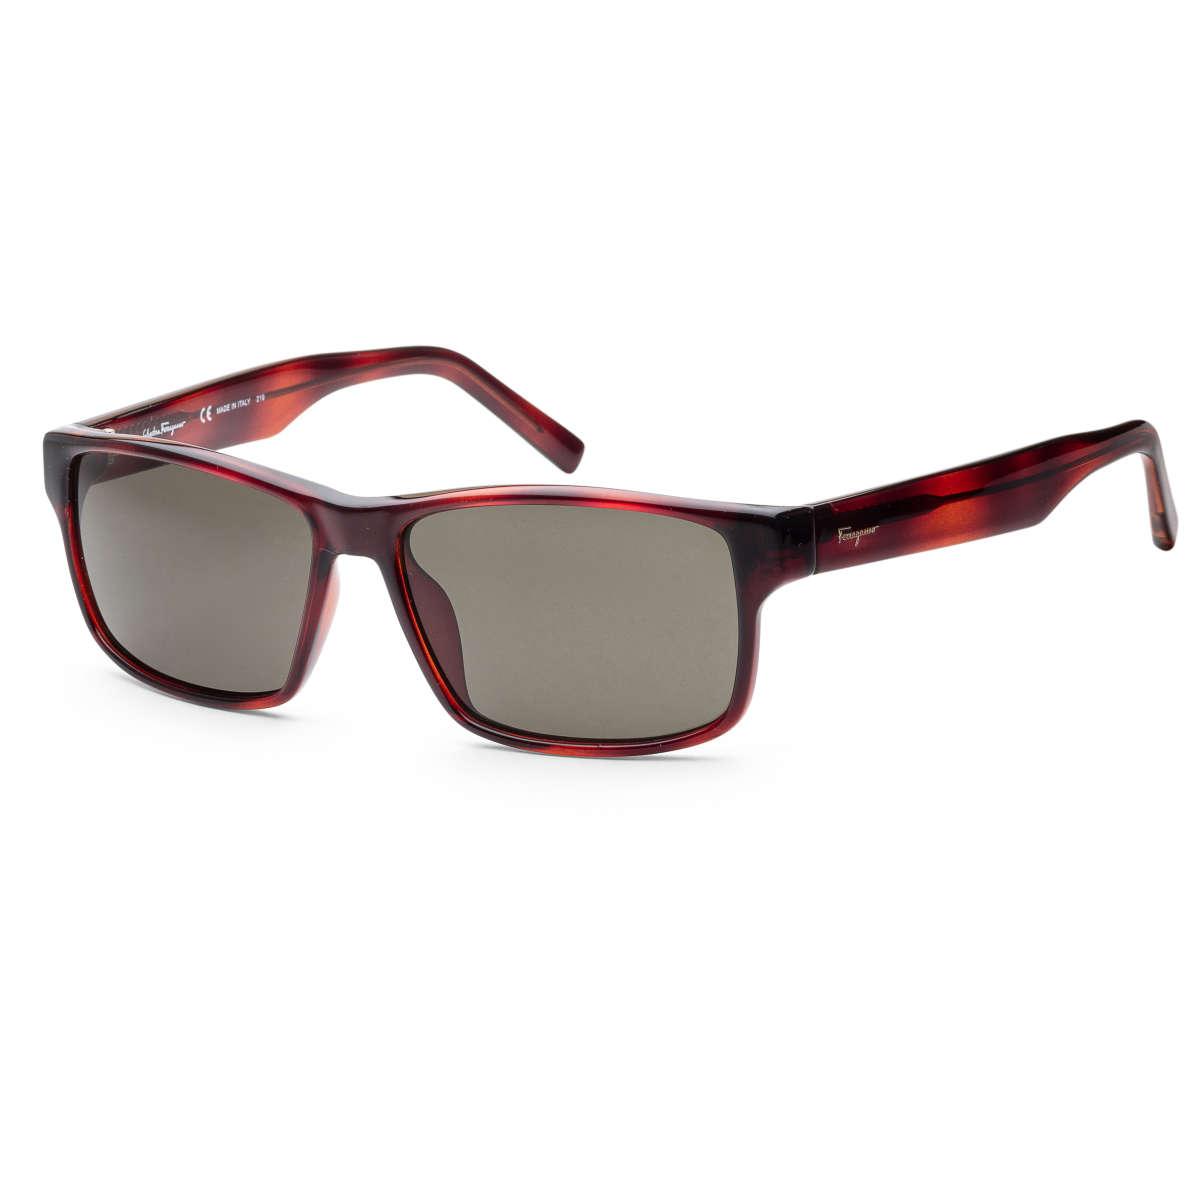 Ferragamo Fashion Women's Sunglasses